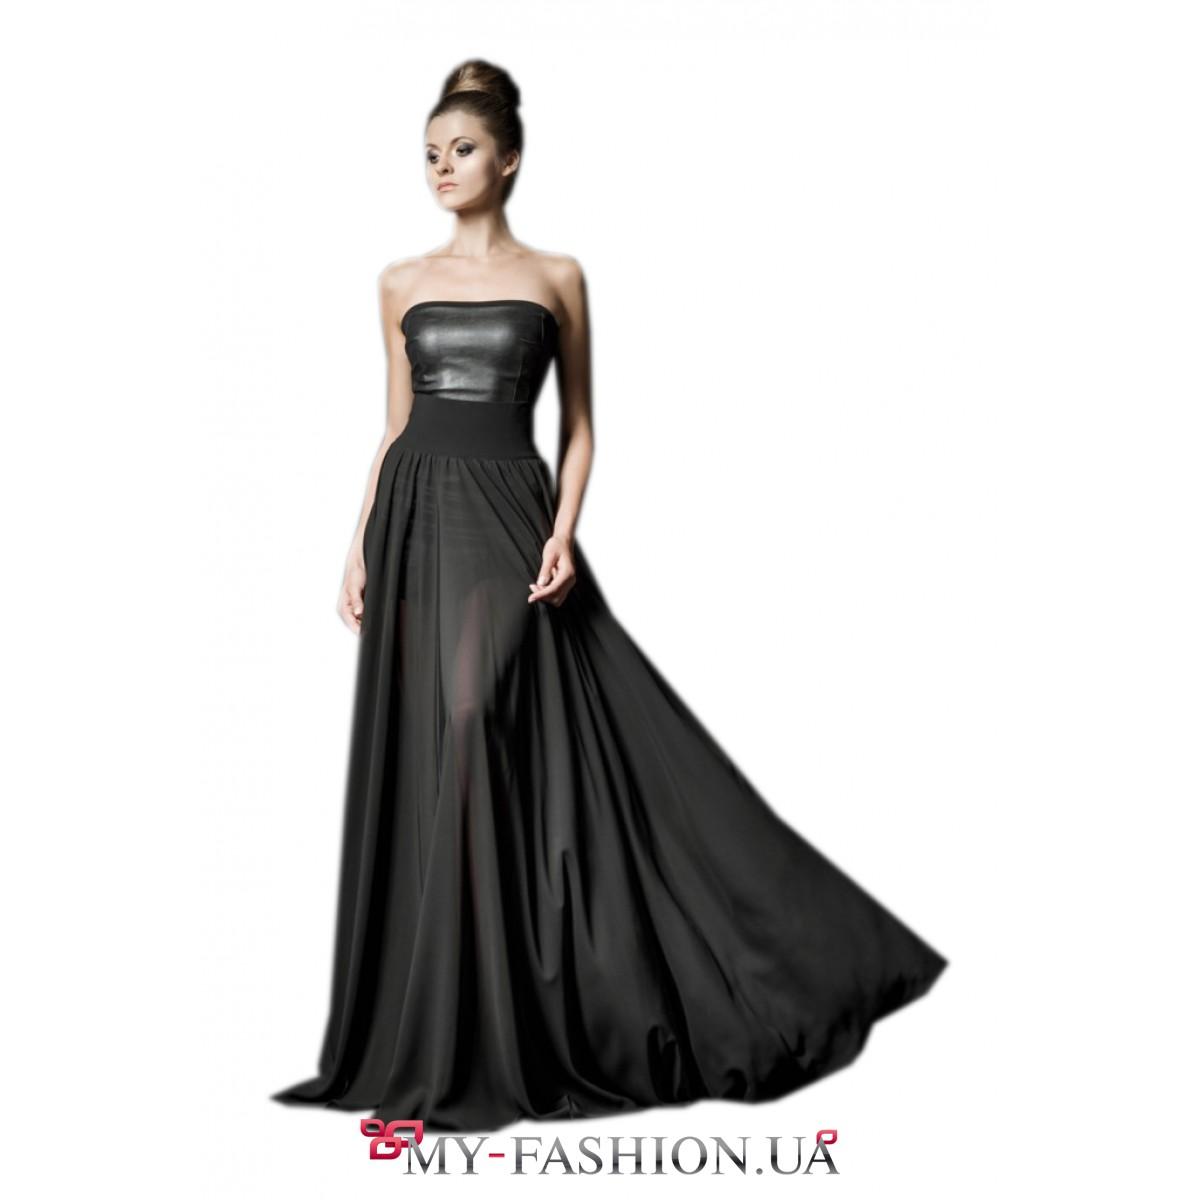 Купить Платье Дизайнер